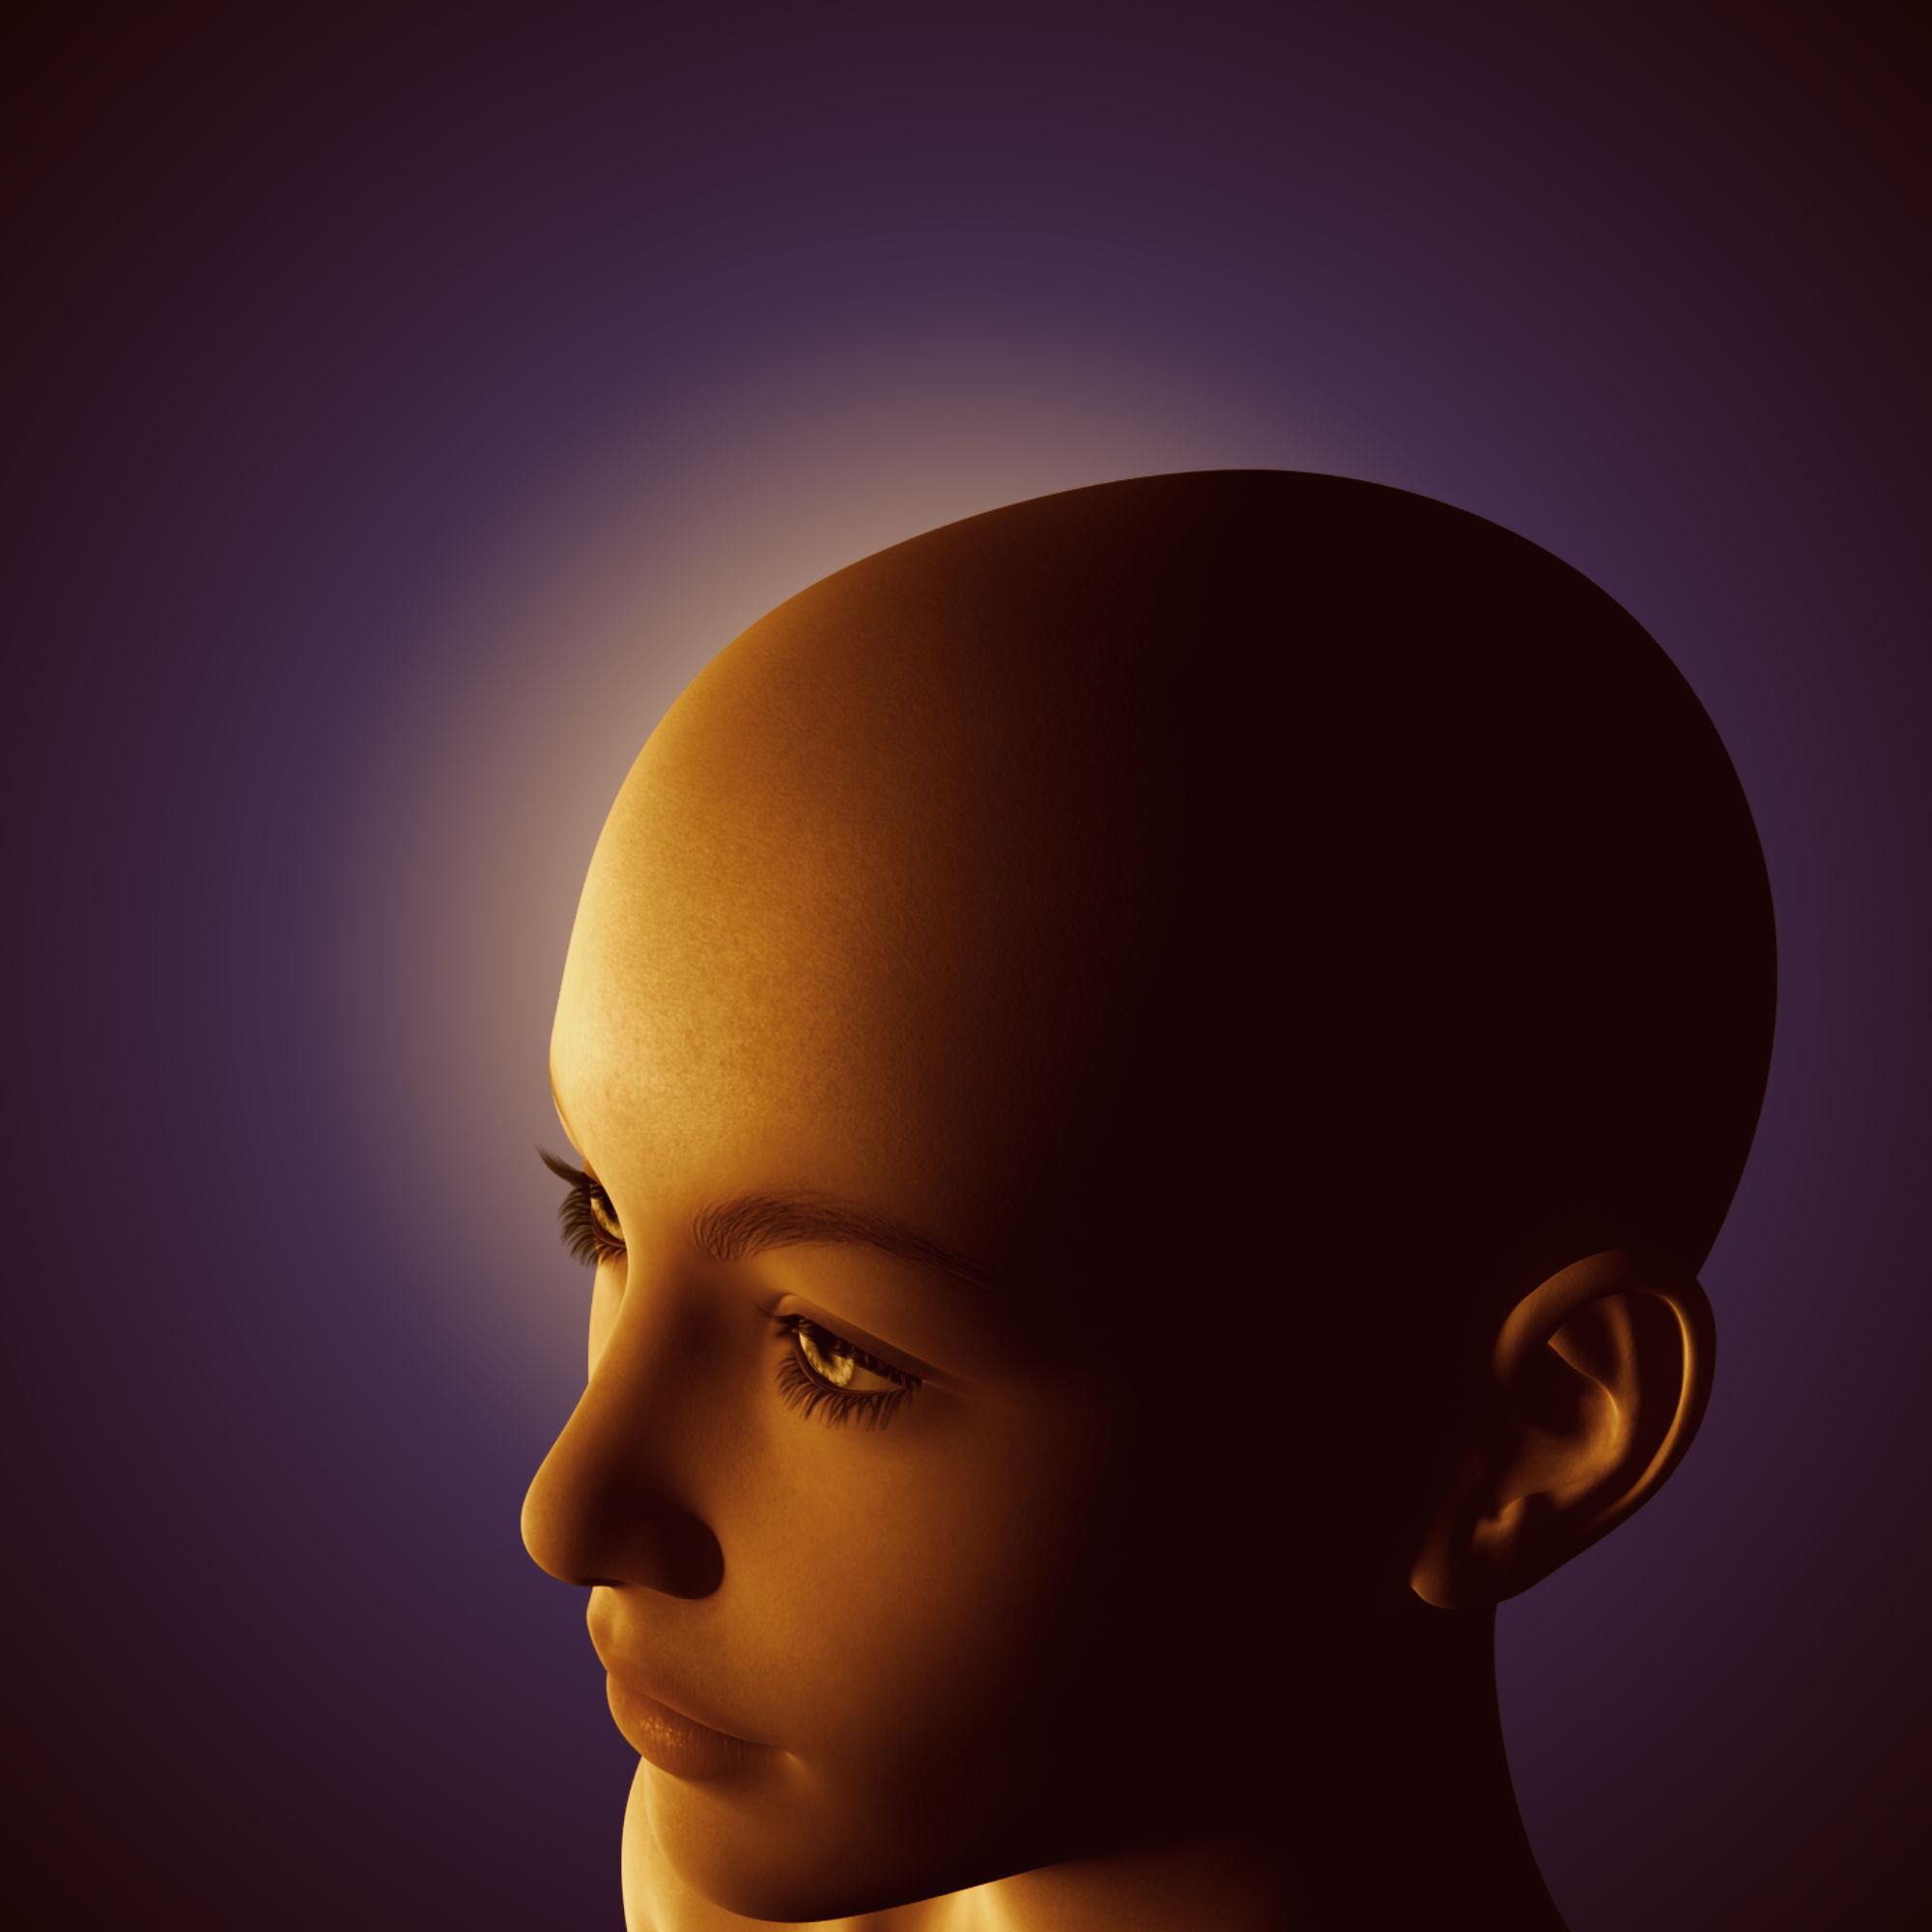 3D Girl Portrait, Light, Portrait, Woman, Illumination, HQ Photo